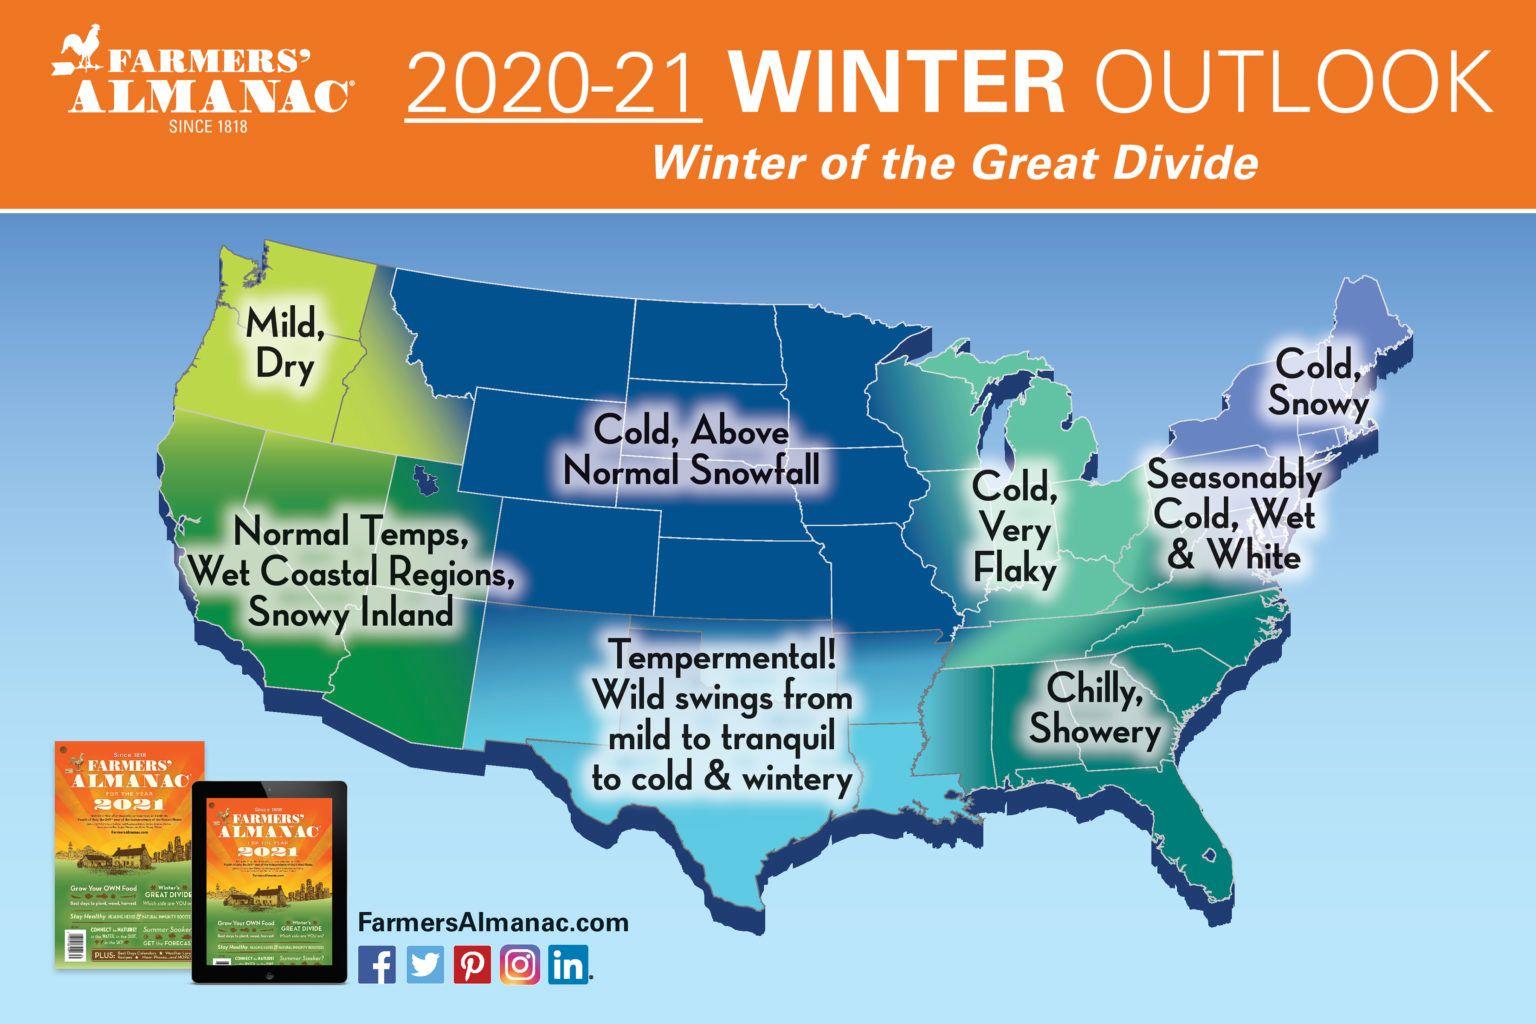 US-Farmers-Almanac-Winter-Outlook-2020-2021-1-1536x1024.jpg